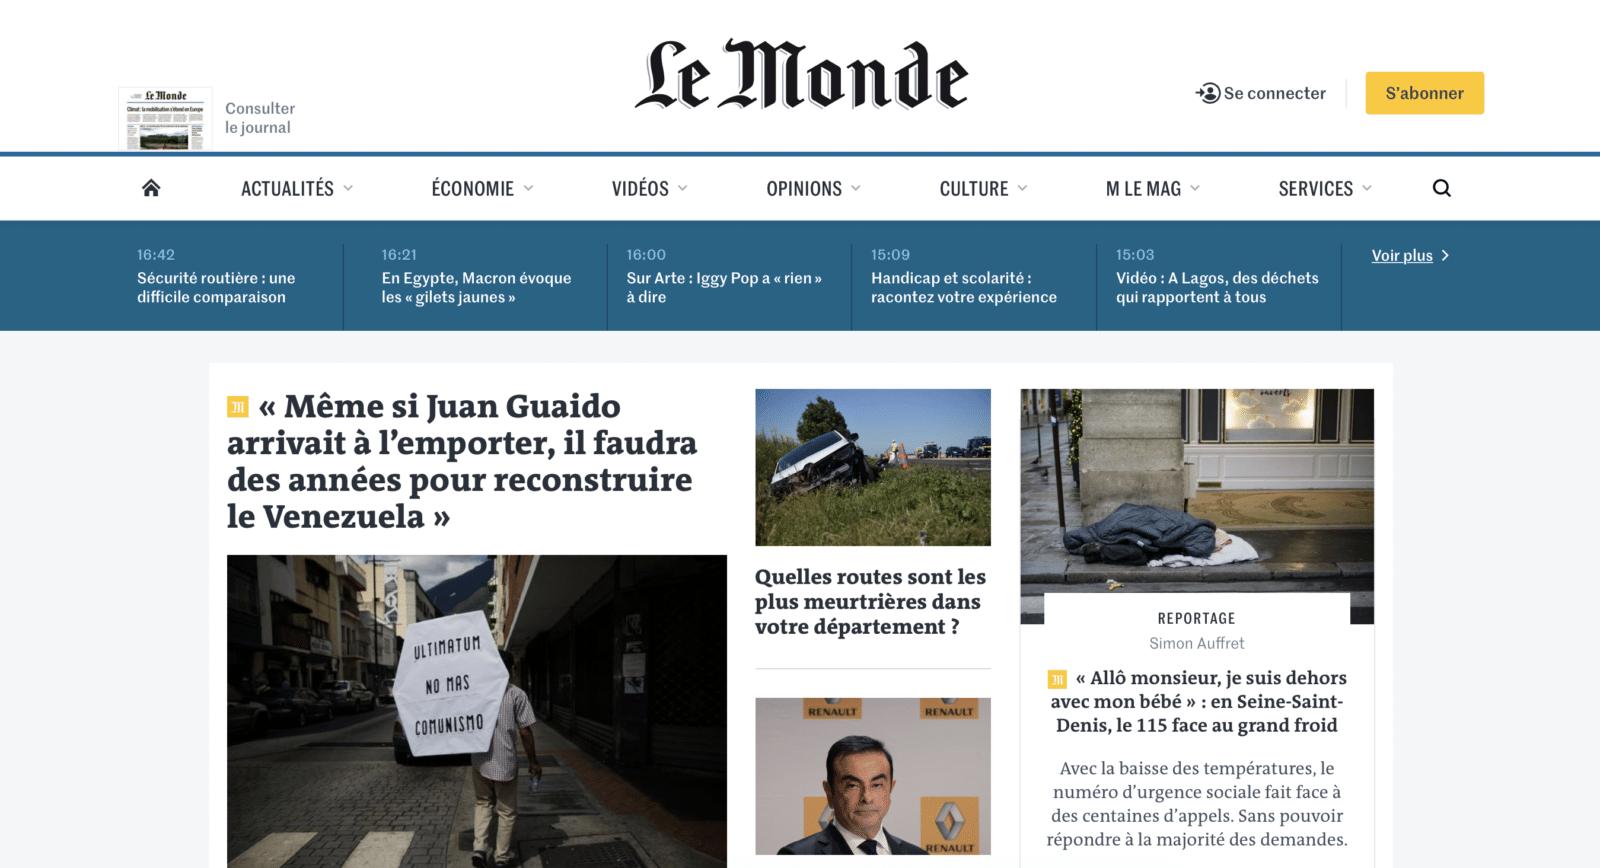 เว็บข่าวฝรั่งเศส ปรับ Design ยังไงให้กระตุ้นคนสมัครเสียเงินอ่านถึง 20%